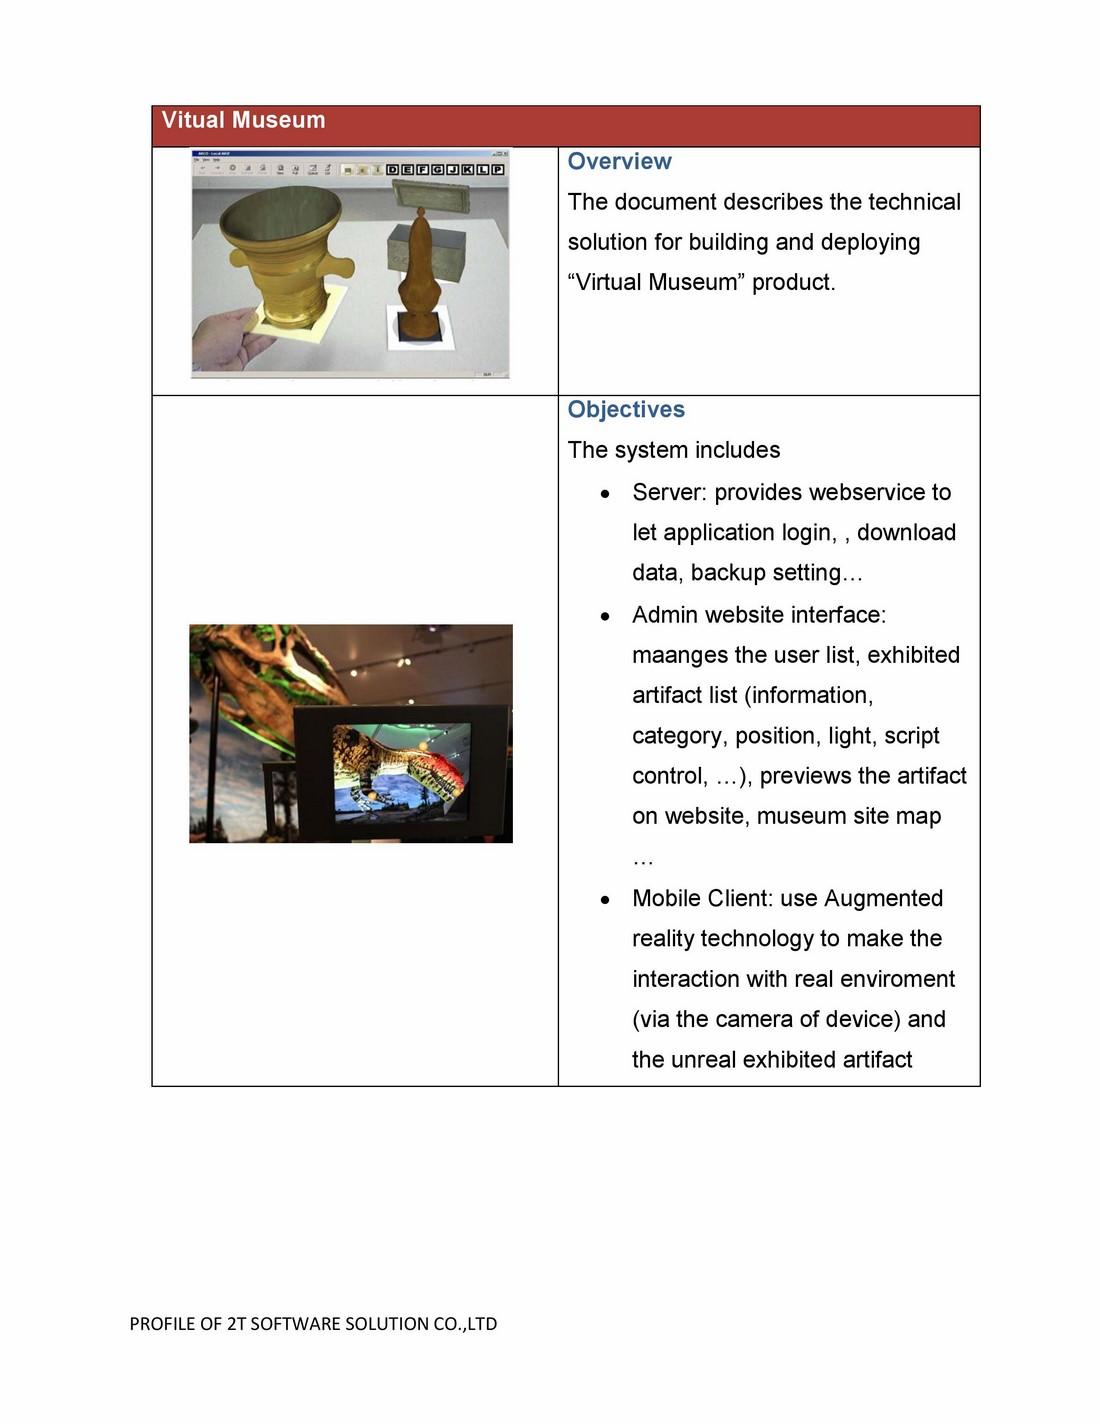 2TS Profile_eng-page-021 (Copy)